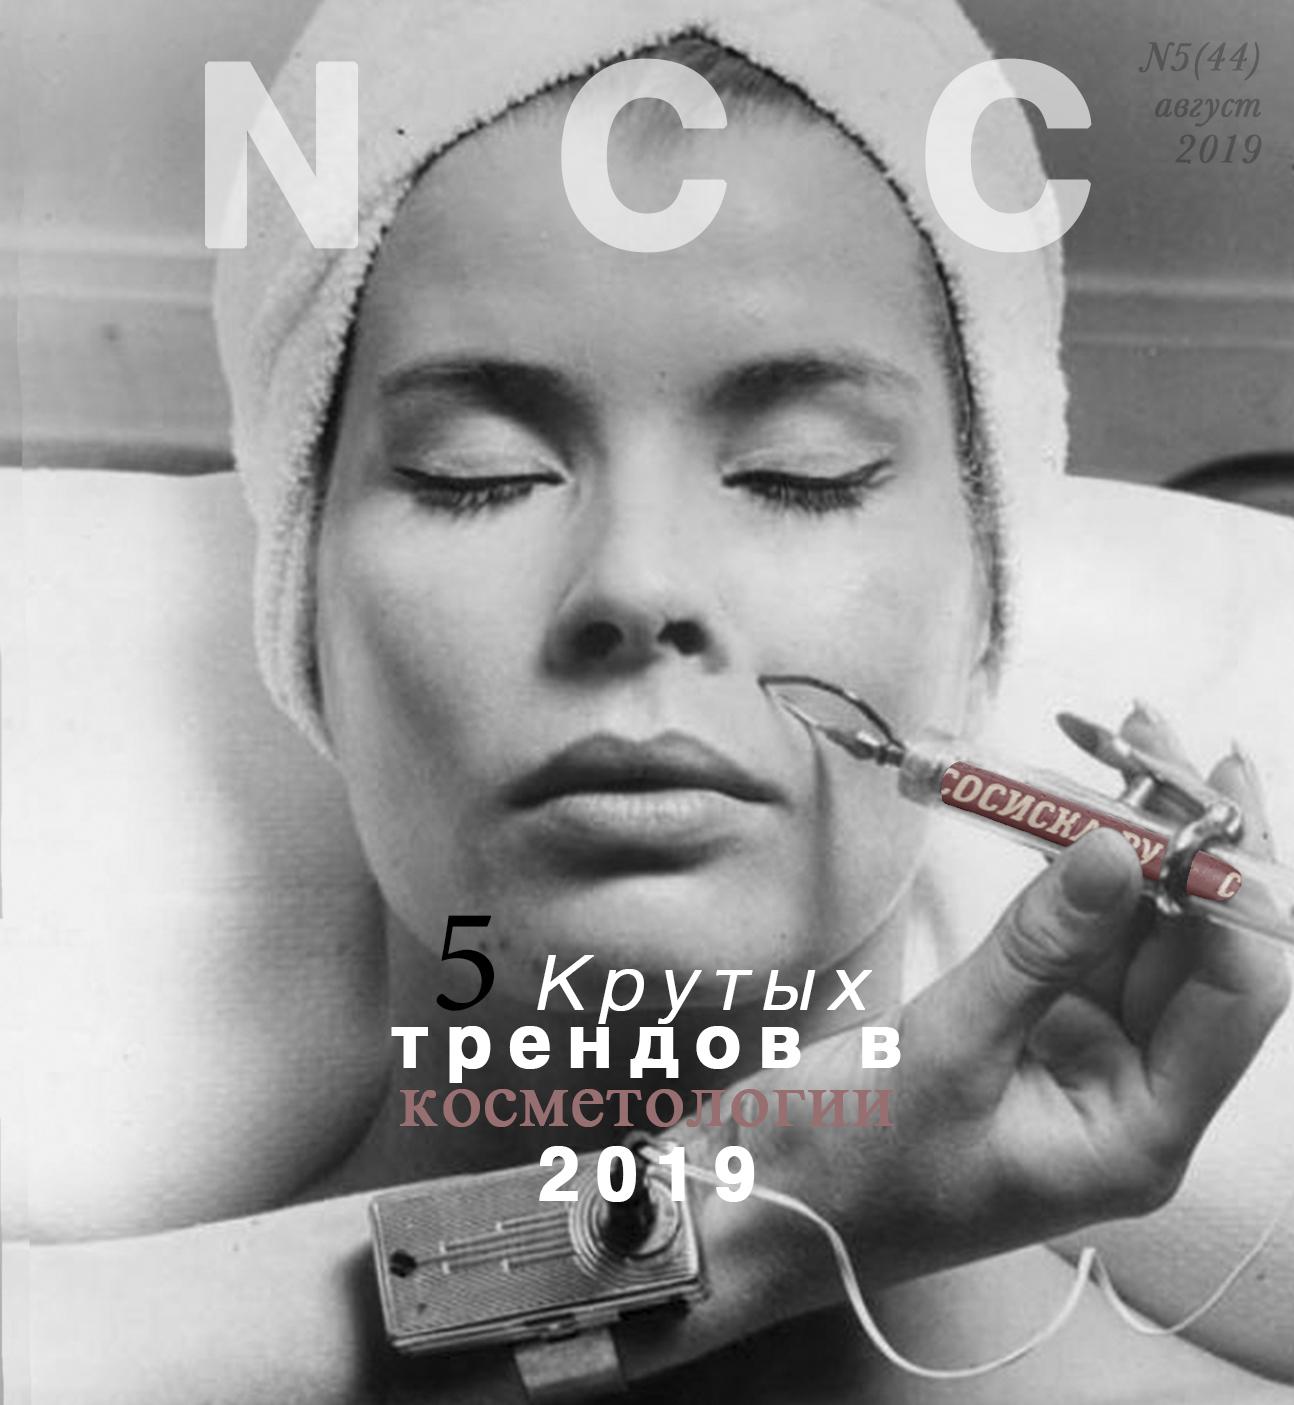 Полиграфический дизайн, Журнальный дизайн, Коллаж.  фото f_5745d6bc8cf2e21c.jpg